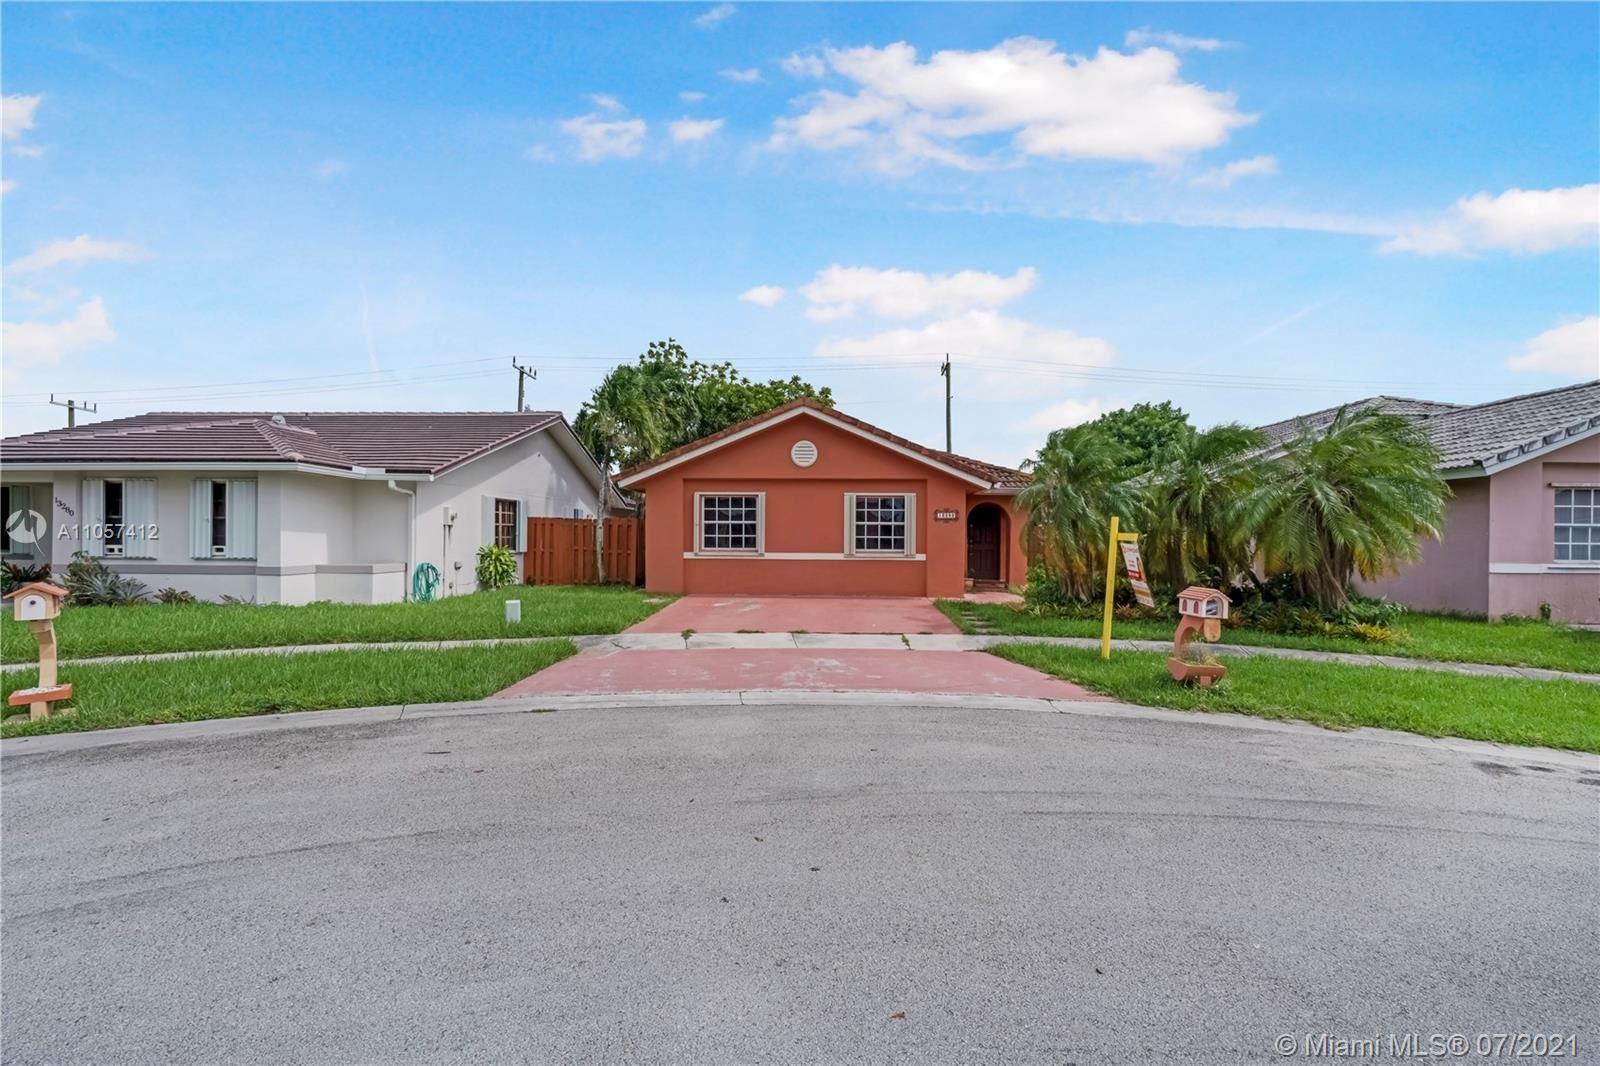 13282 SW 40th Ter, Miami, FL 33175 - #: A11057412